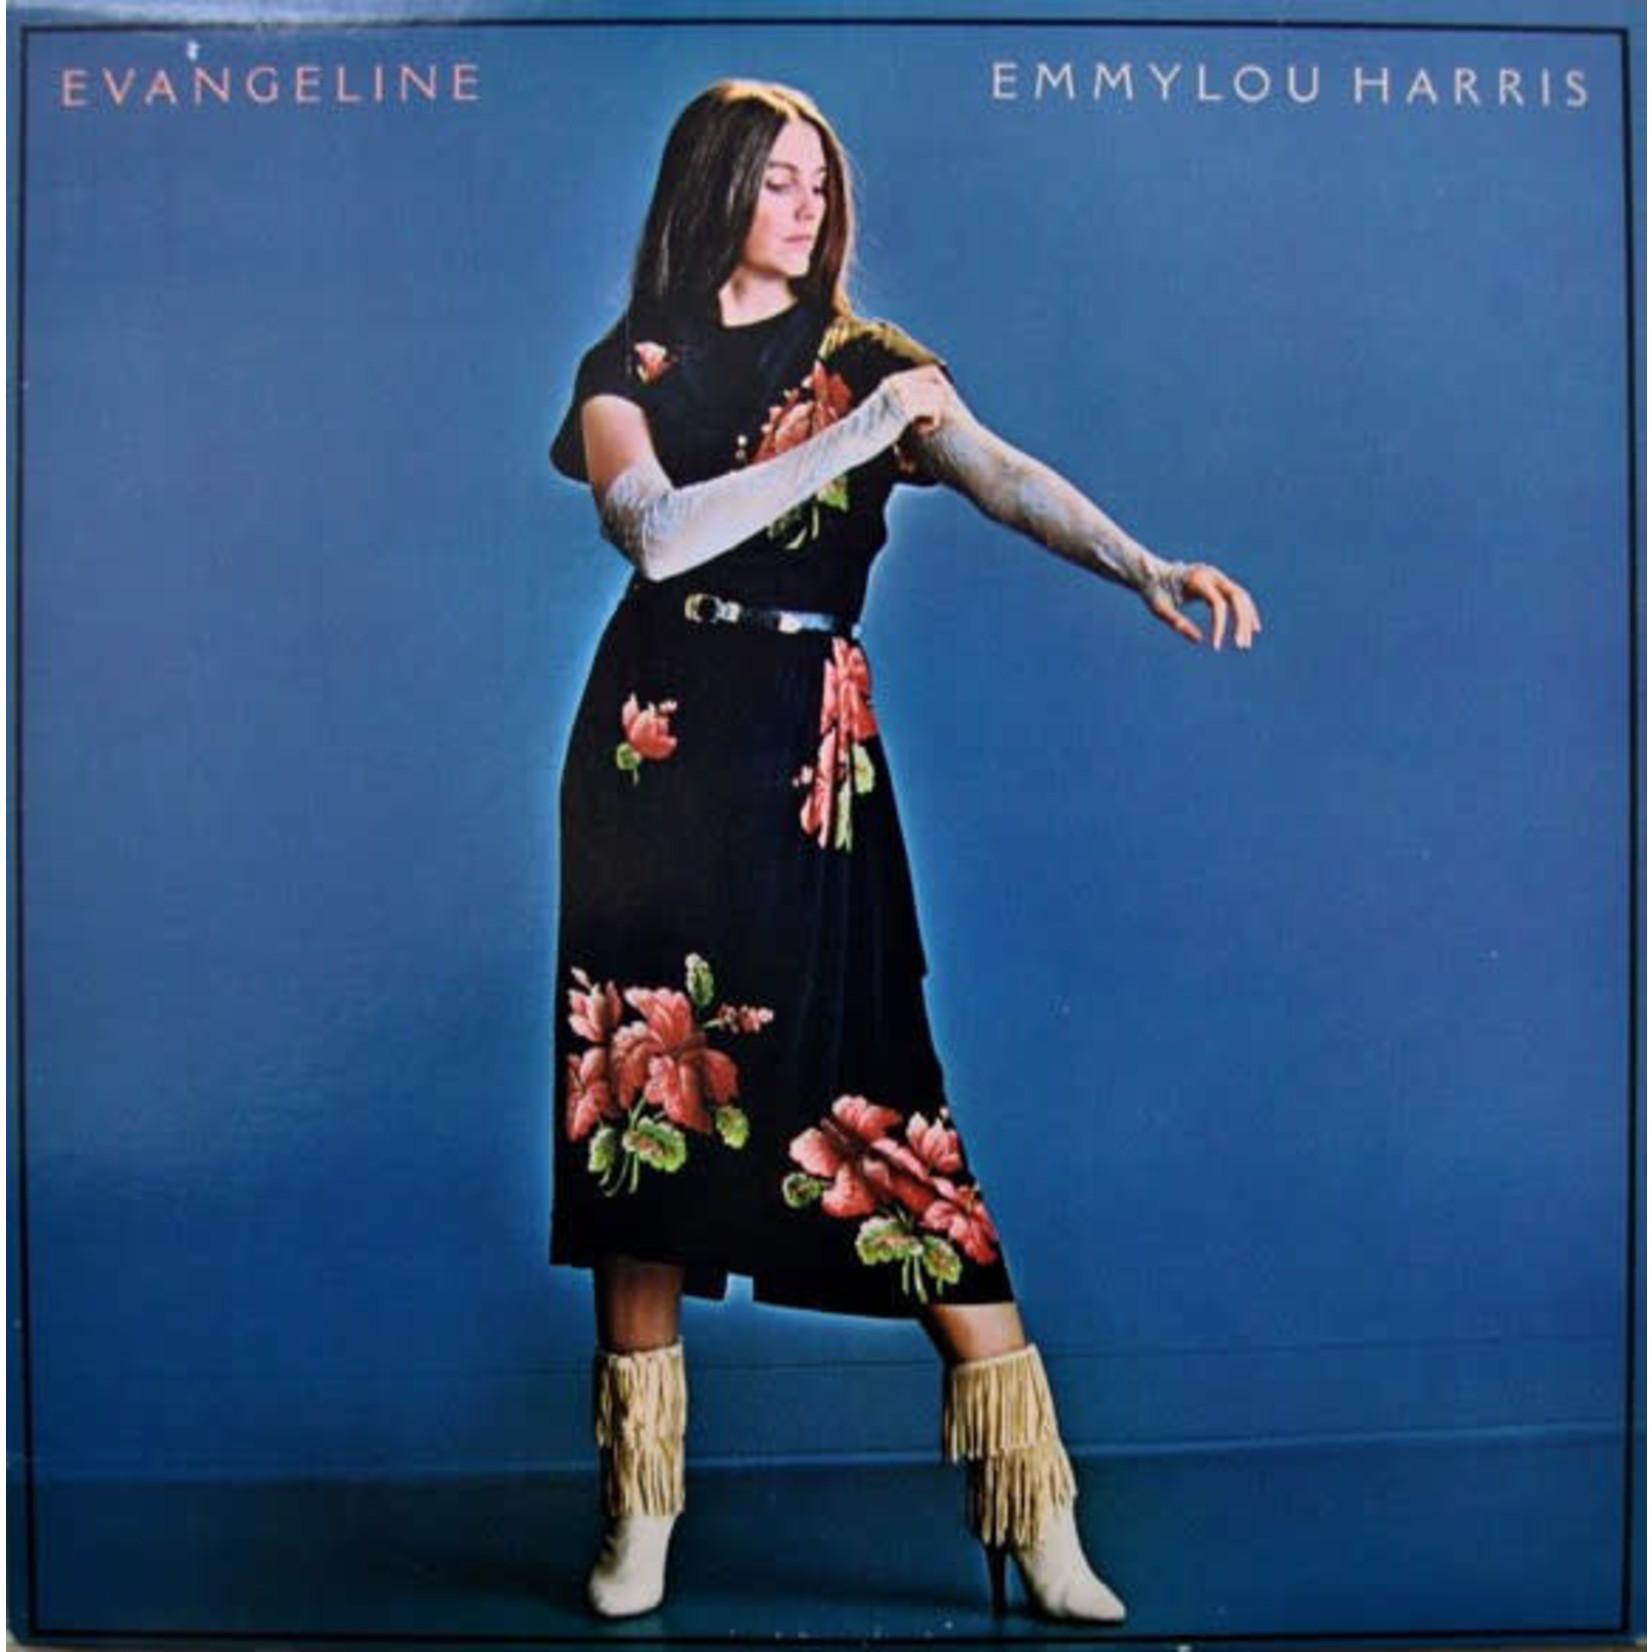 [Vintage] Harris, Emmylou: Evangeline